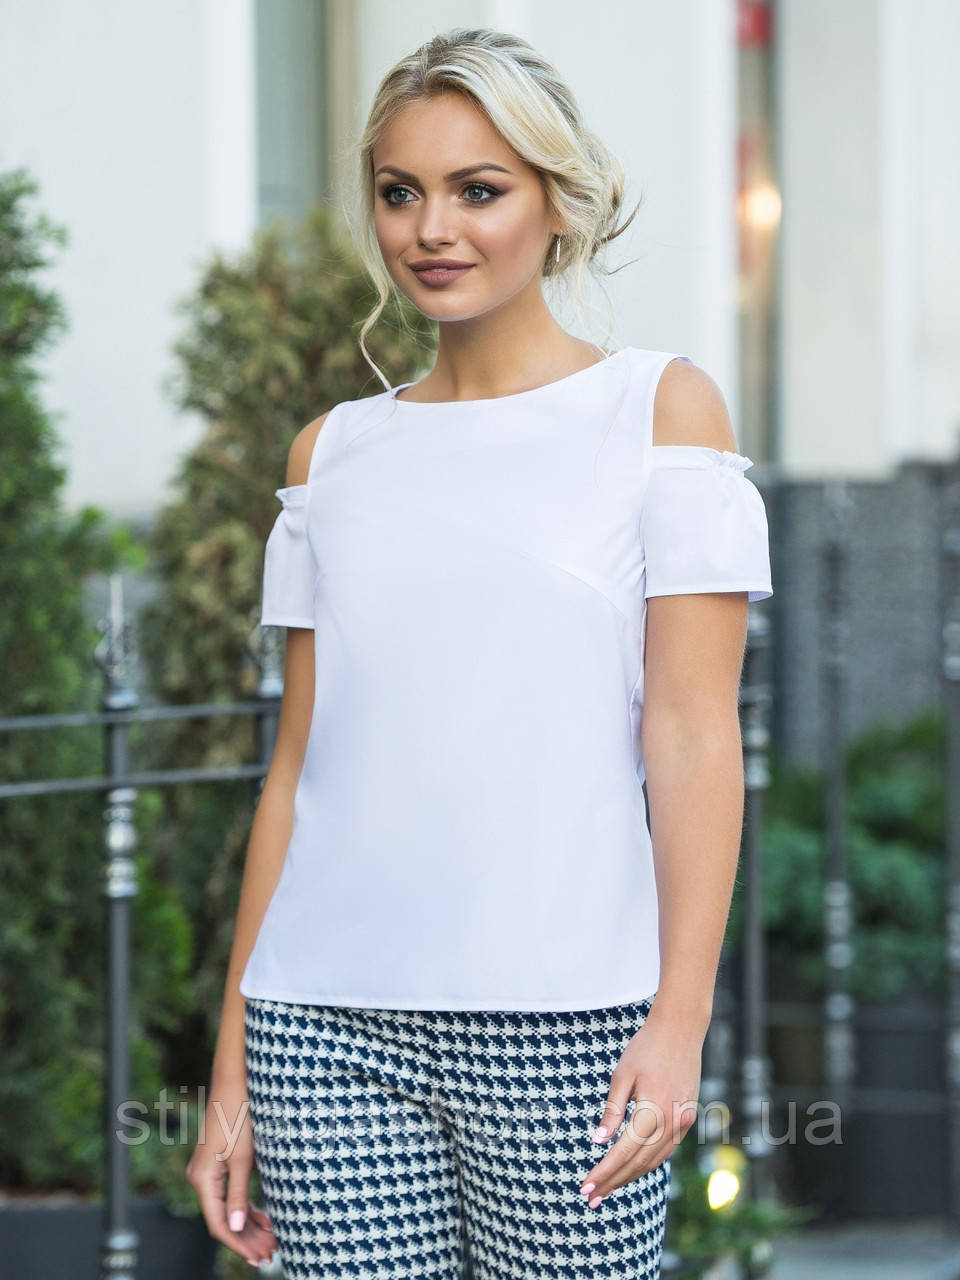 Біла блузка з вирізами на плечах і короткими рукавами